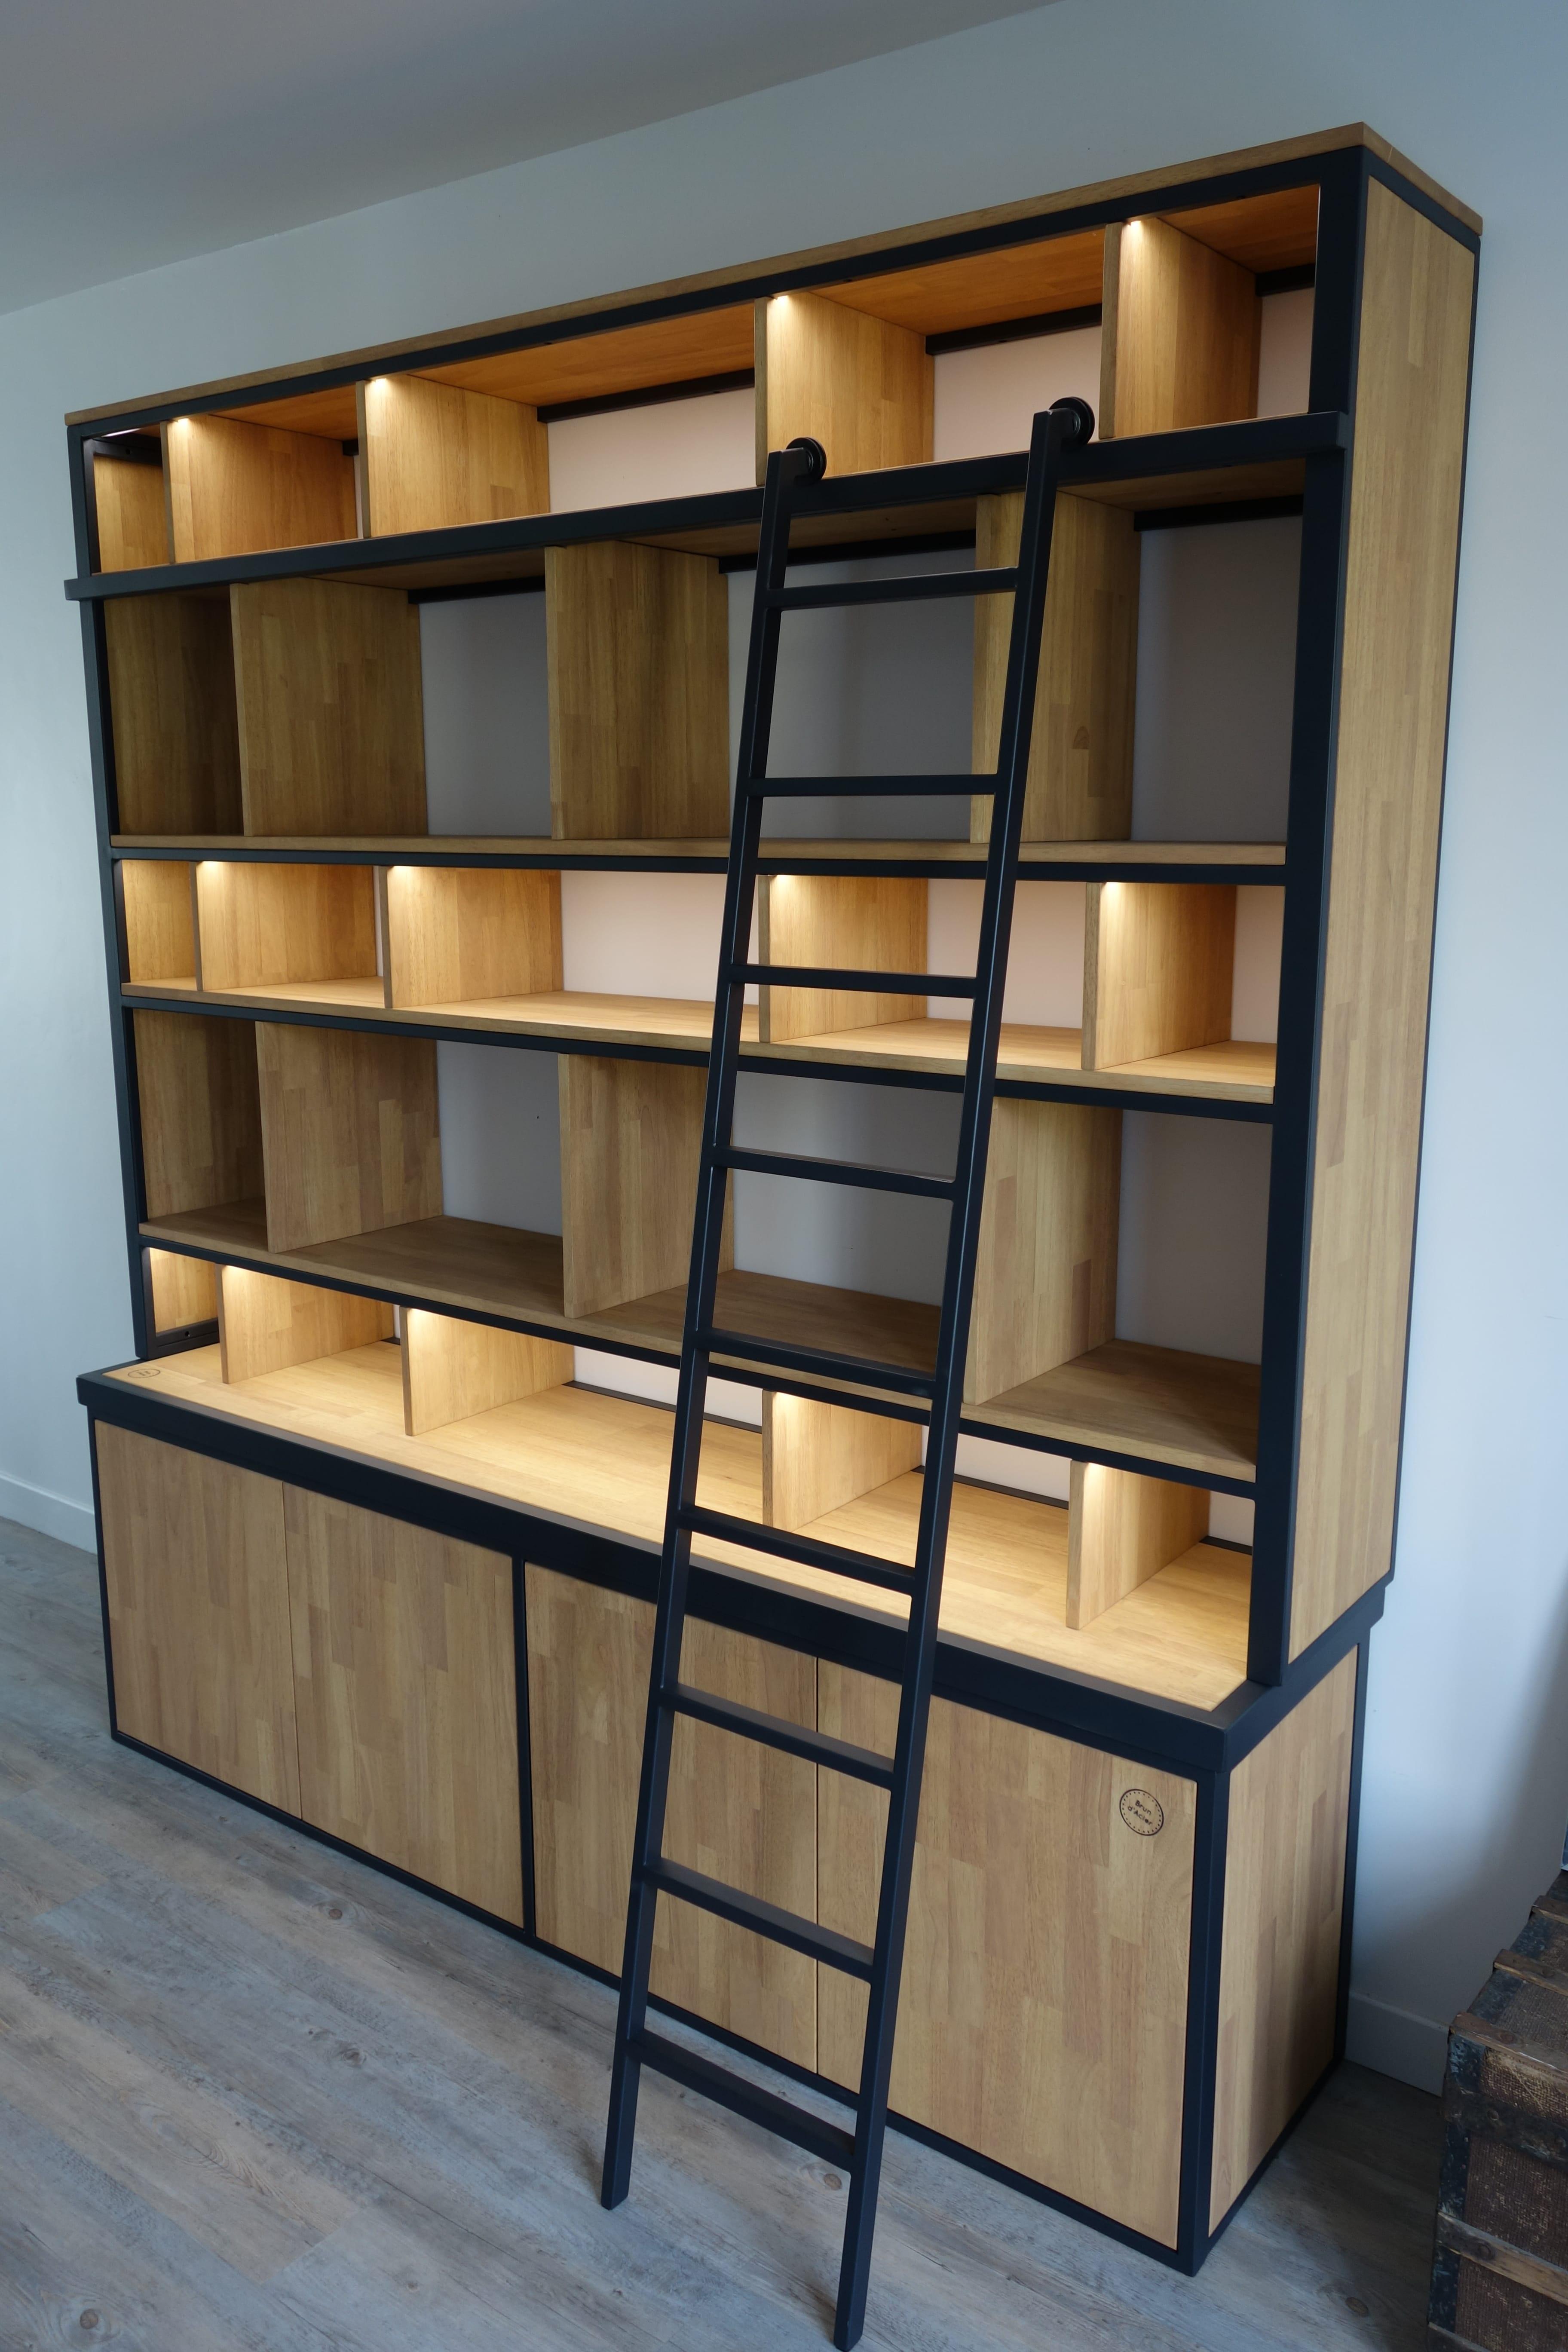 Echelle Bibliotheque Sur Rail bibliothèque brun d'acier - vos meubles industriels sur mesure.